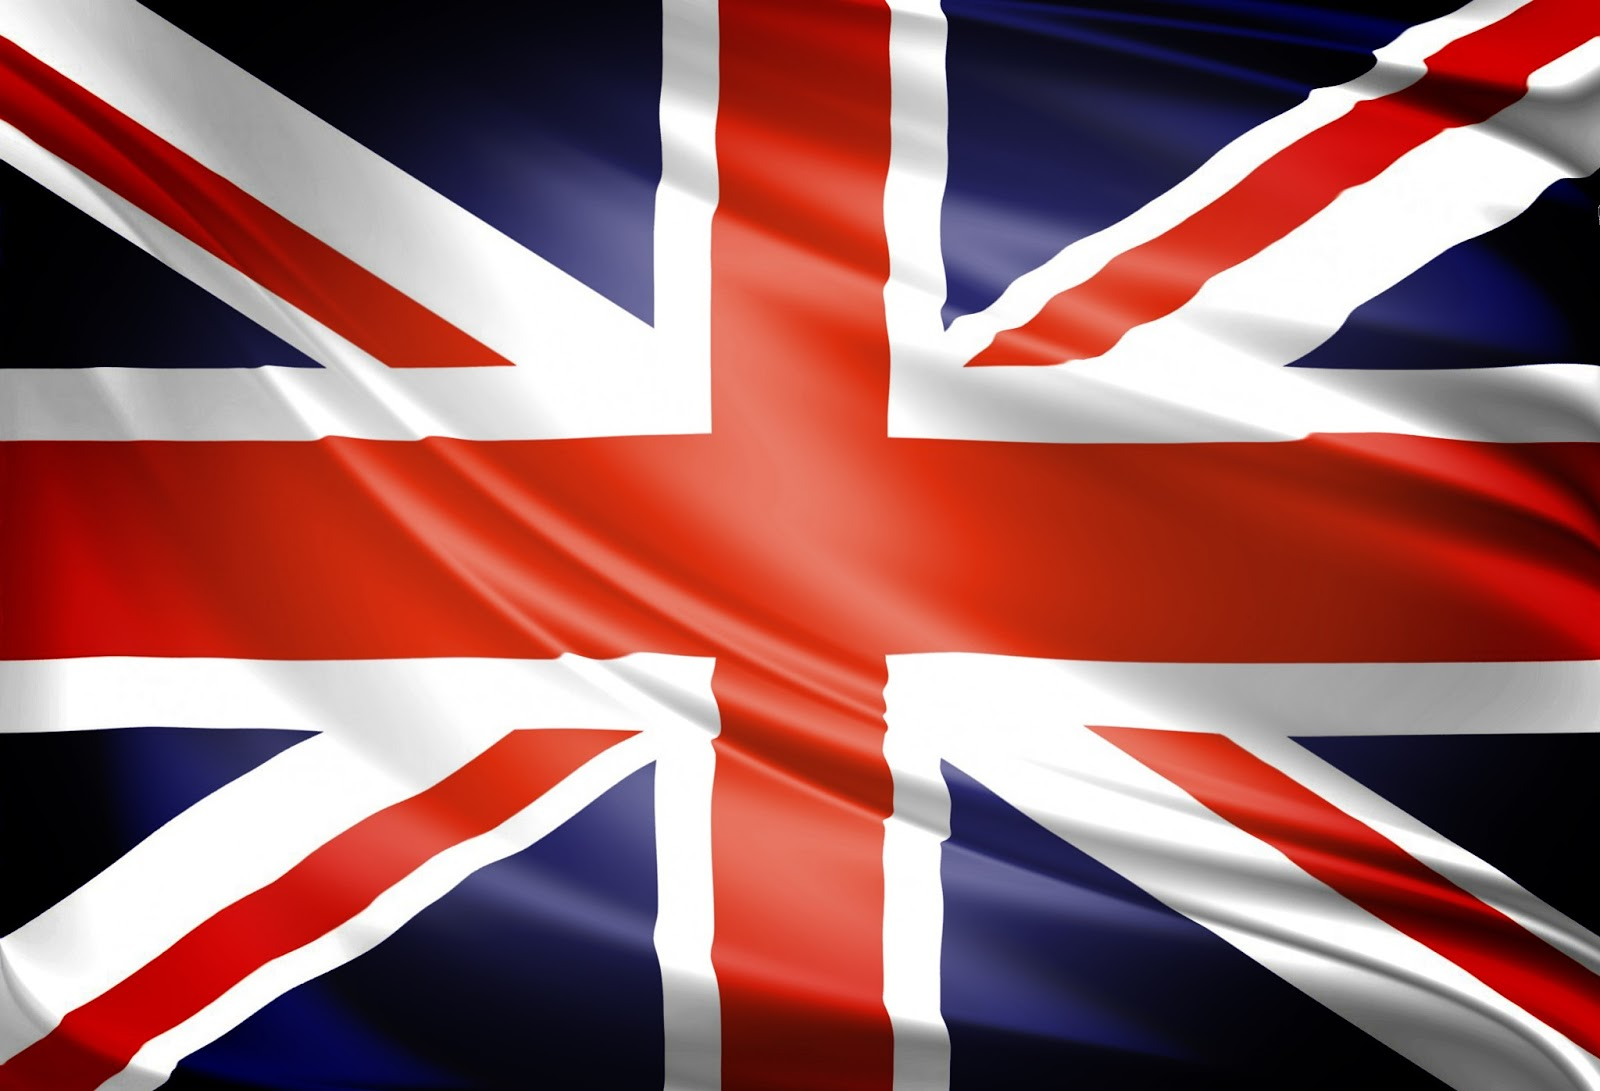 england flag hd wallpaper england flag widescreen hd wallpaper england 1600x1091